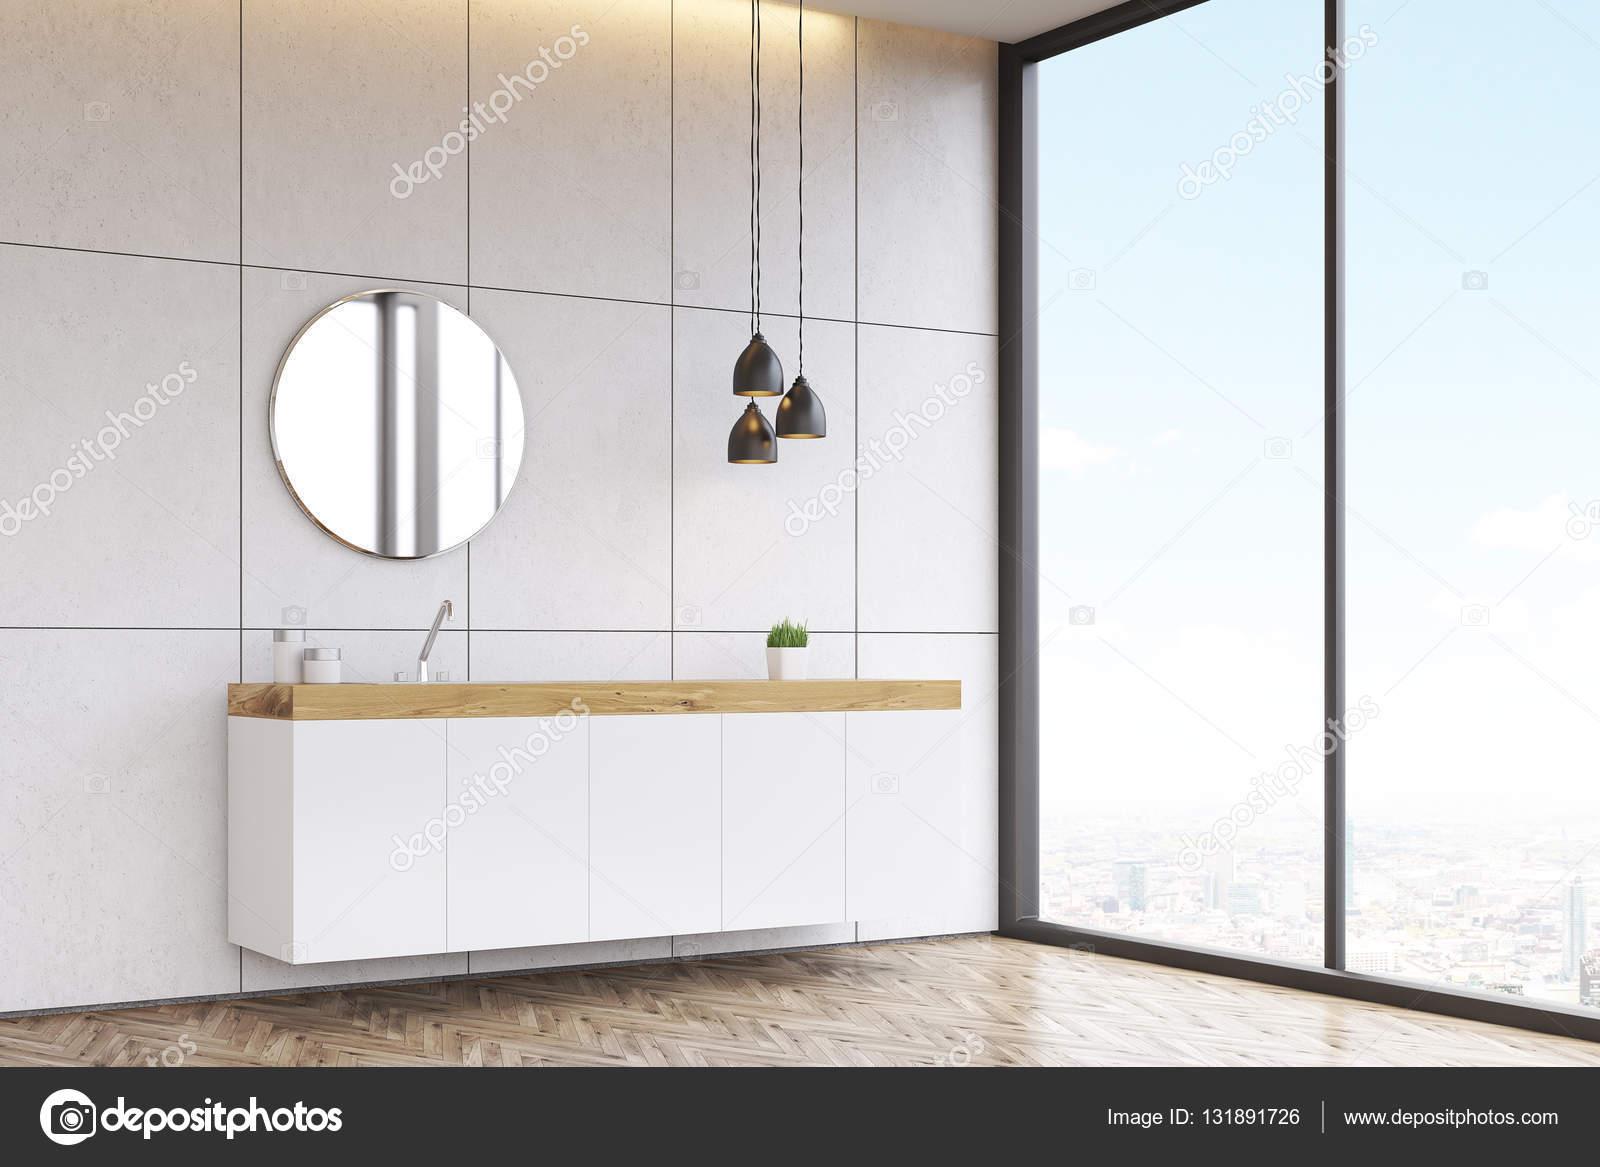 Ronde Spiegel Badkamer : Zijaanzicht van een badkamer wastafel met ronde spiegel op de